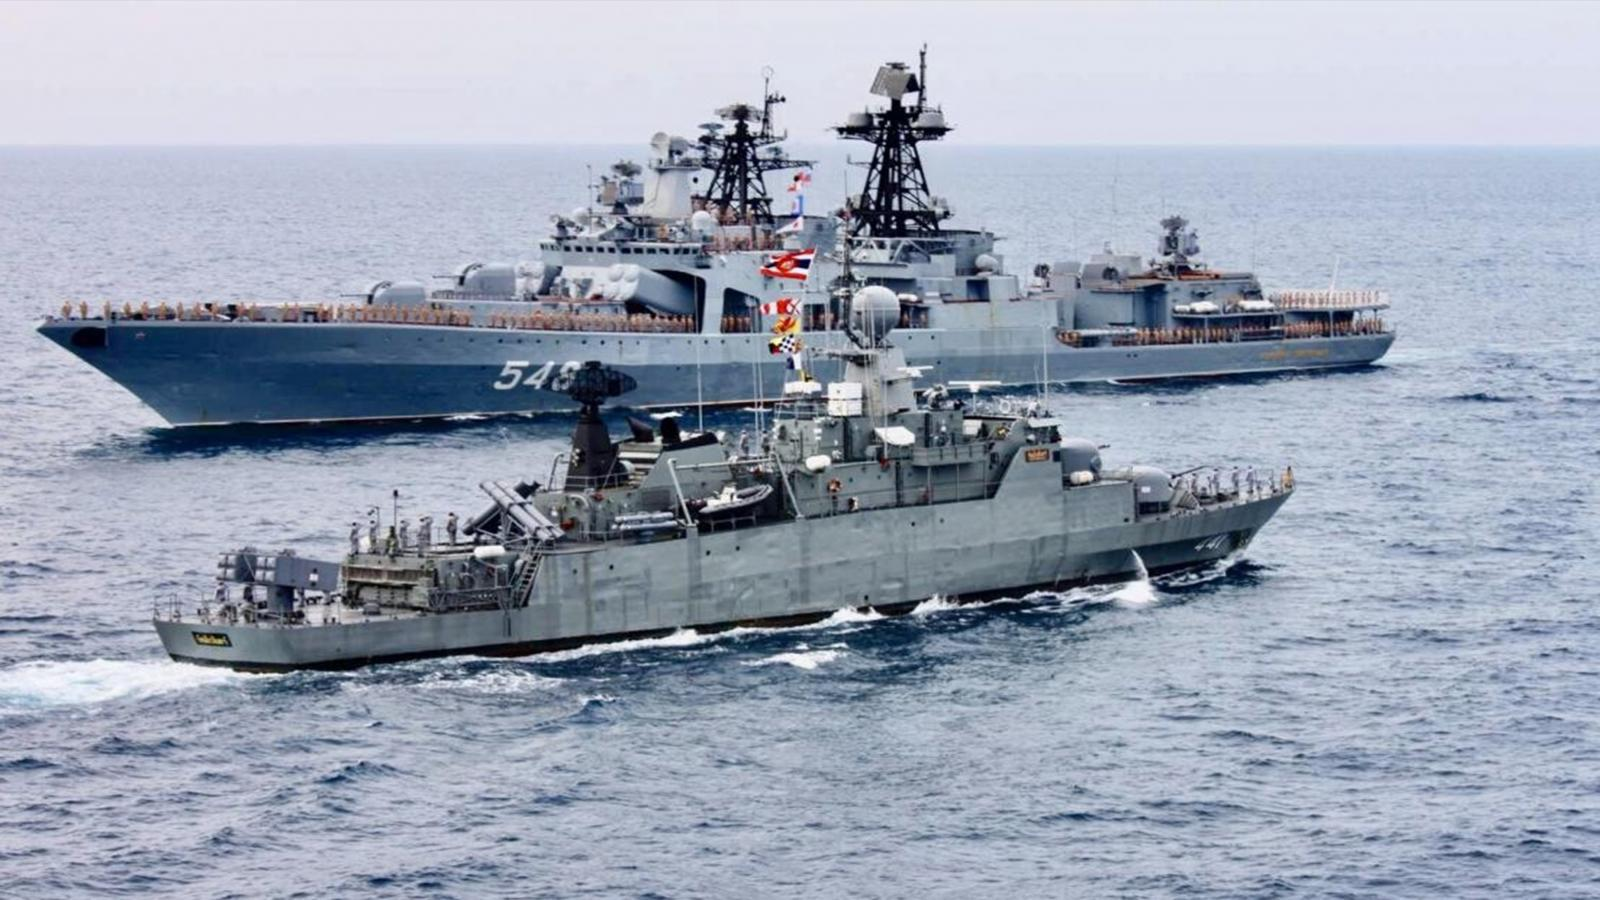 ทร.แจงเรือรบอังกฤษร่วมฝึกทัพเรือไทย เพิ่มทักษะ ปัดคานอำนาจจีน ย้ำ ไม่ได้แวะจอดเมืองท่า